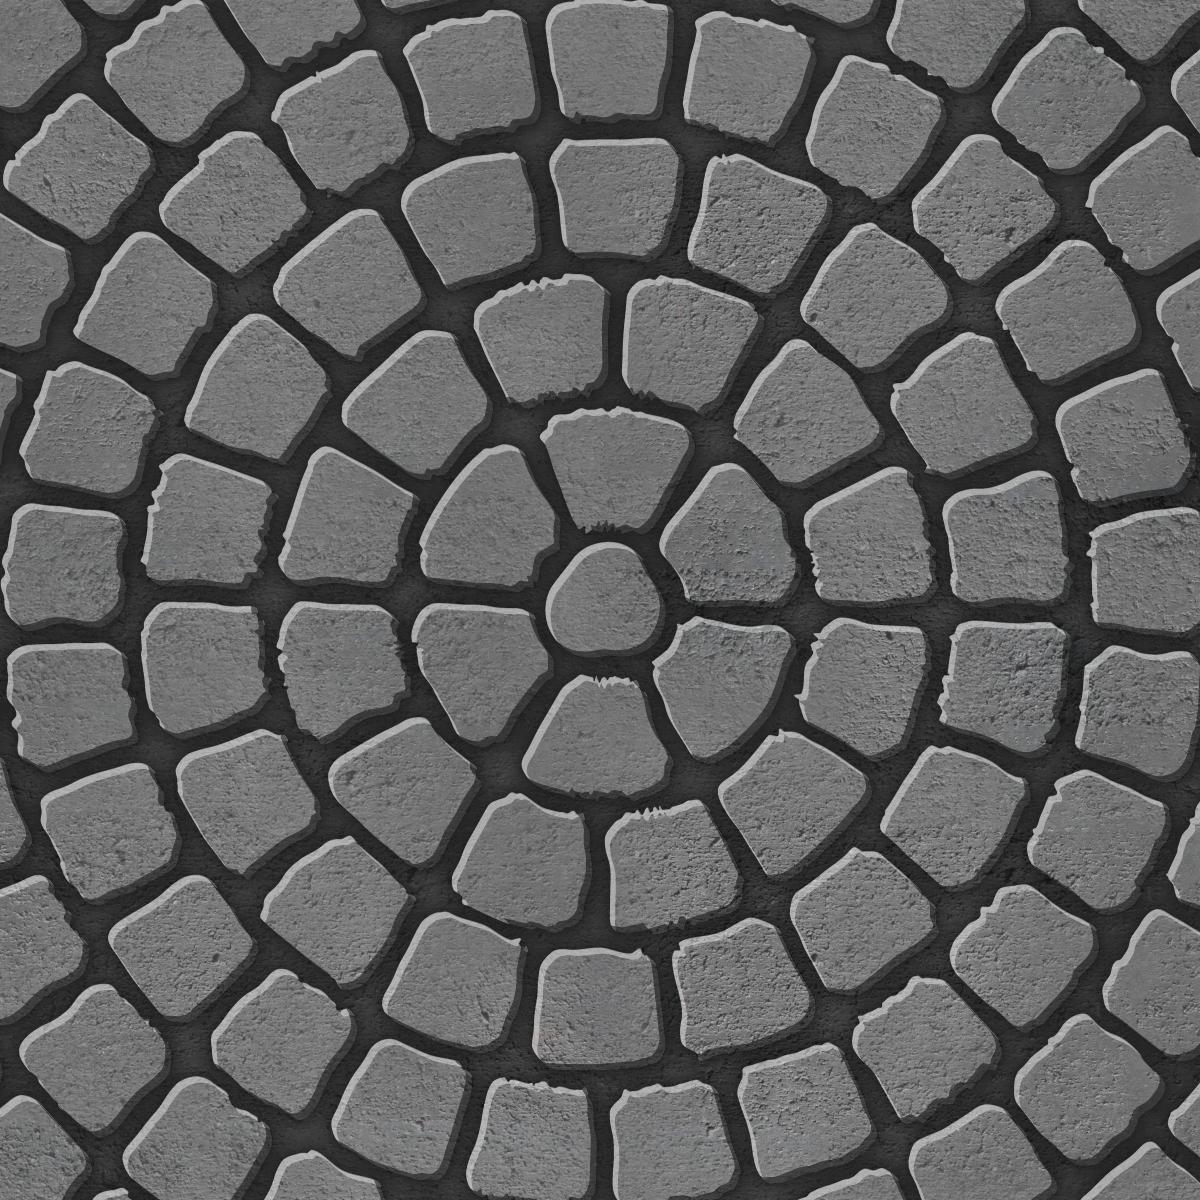 Circle paving pattern